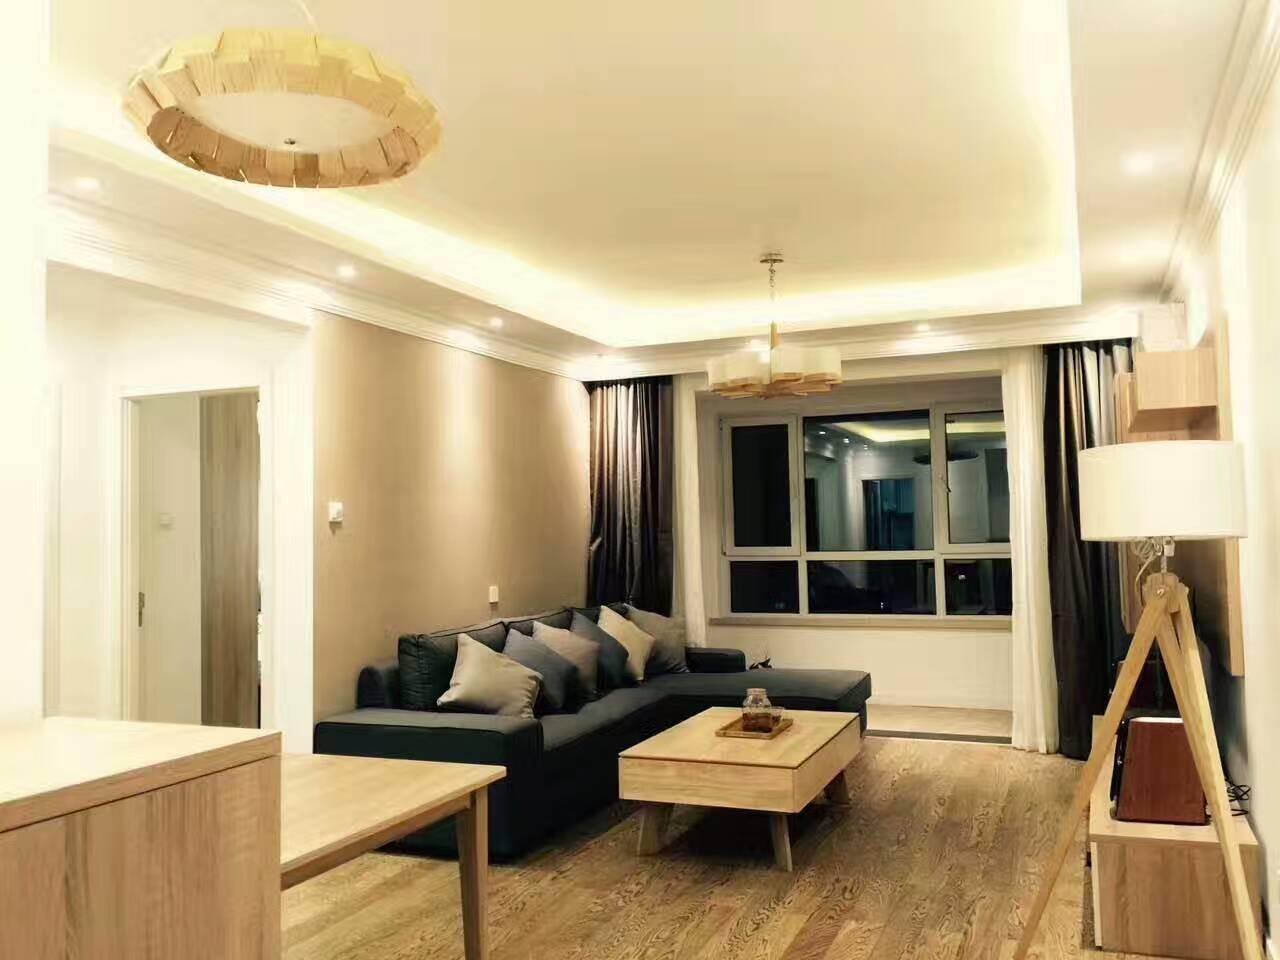 客厅简洁大方,功能强大。电视柜柜体以天然原木色为主调,面板饰以印象白,营造出简约,轻松的居家氛围。